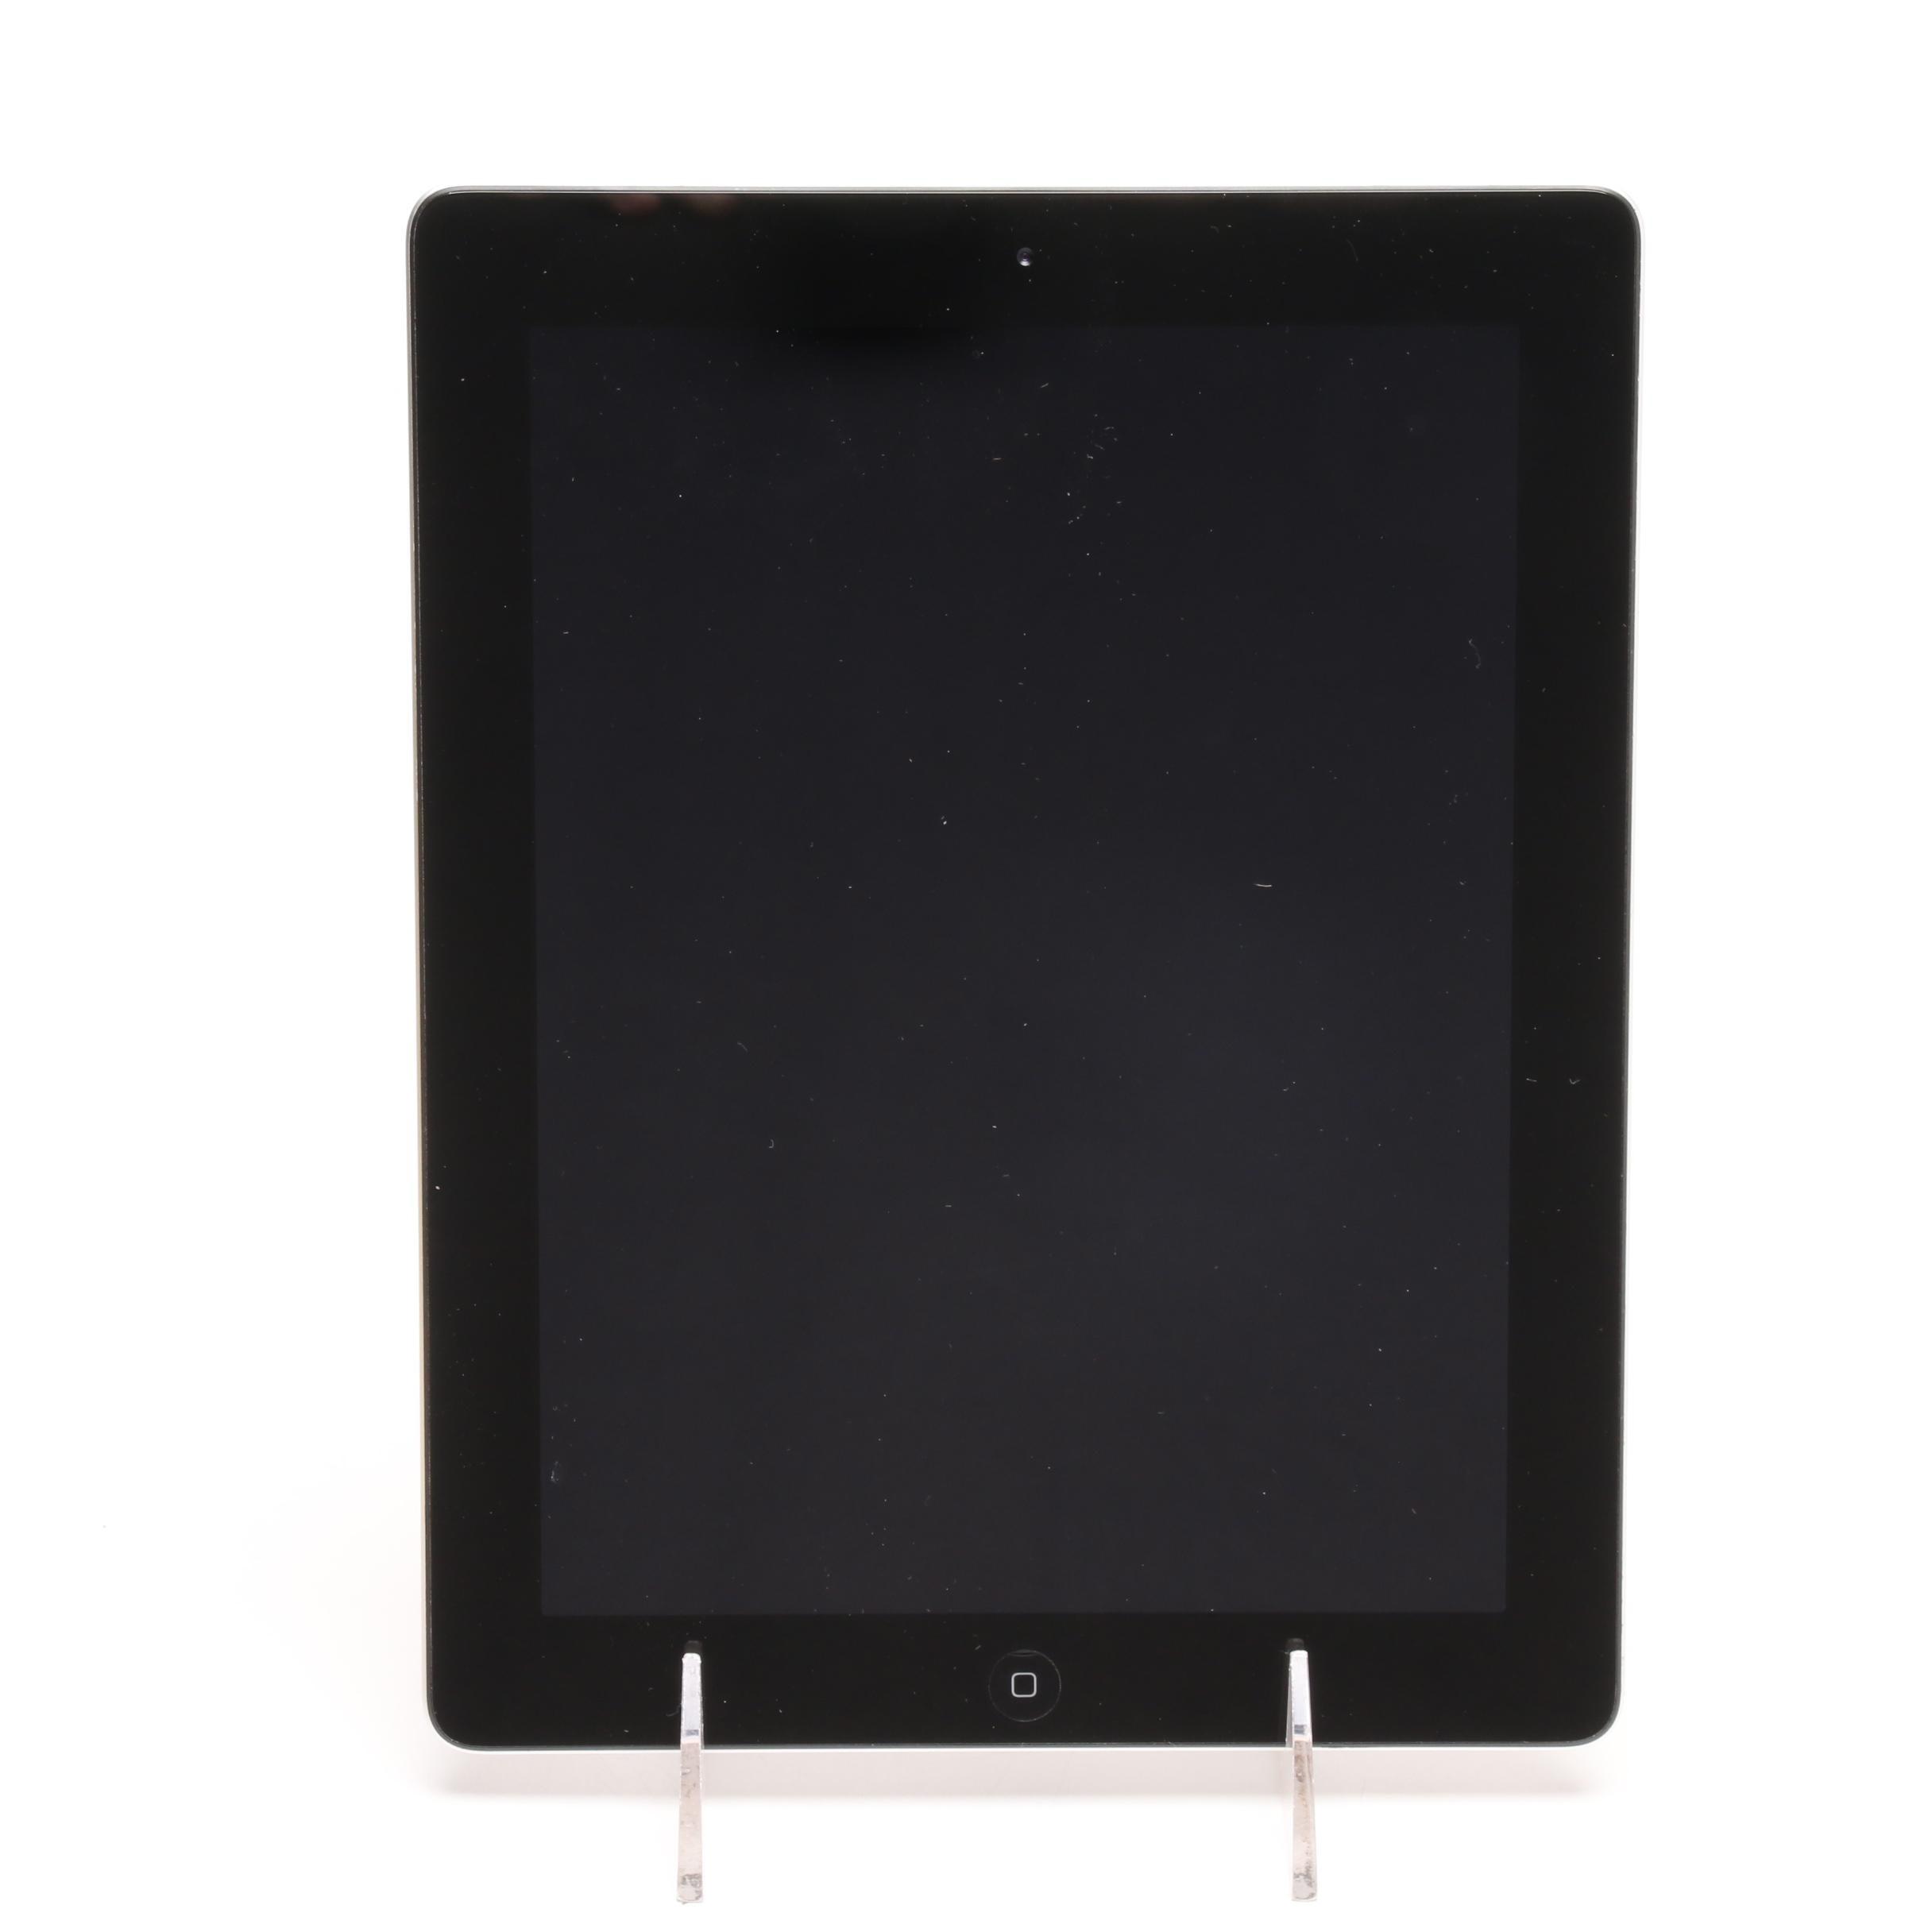 iPad 2 Tablet